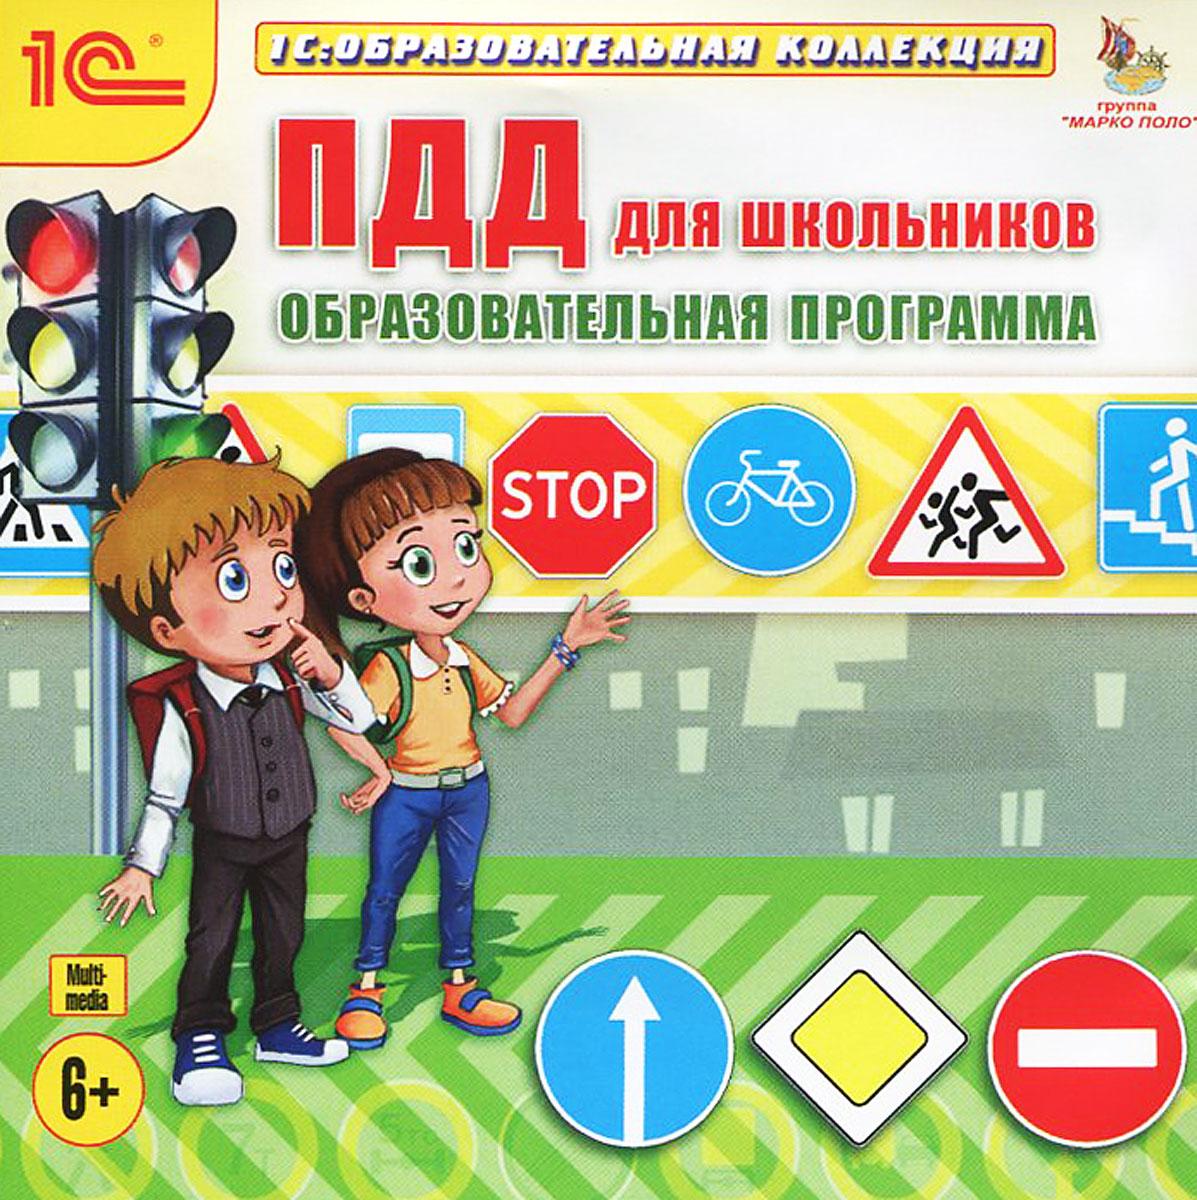 1С: Образовательная коллекция. ПДД для школьников. Образовательная программа 1с образовательная коллекция уроки математики домашний тренажер